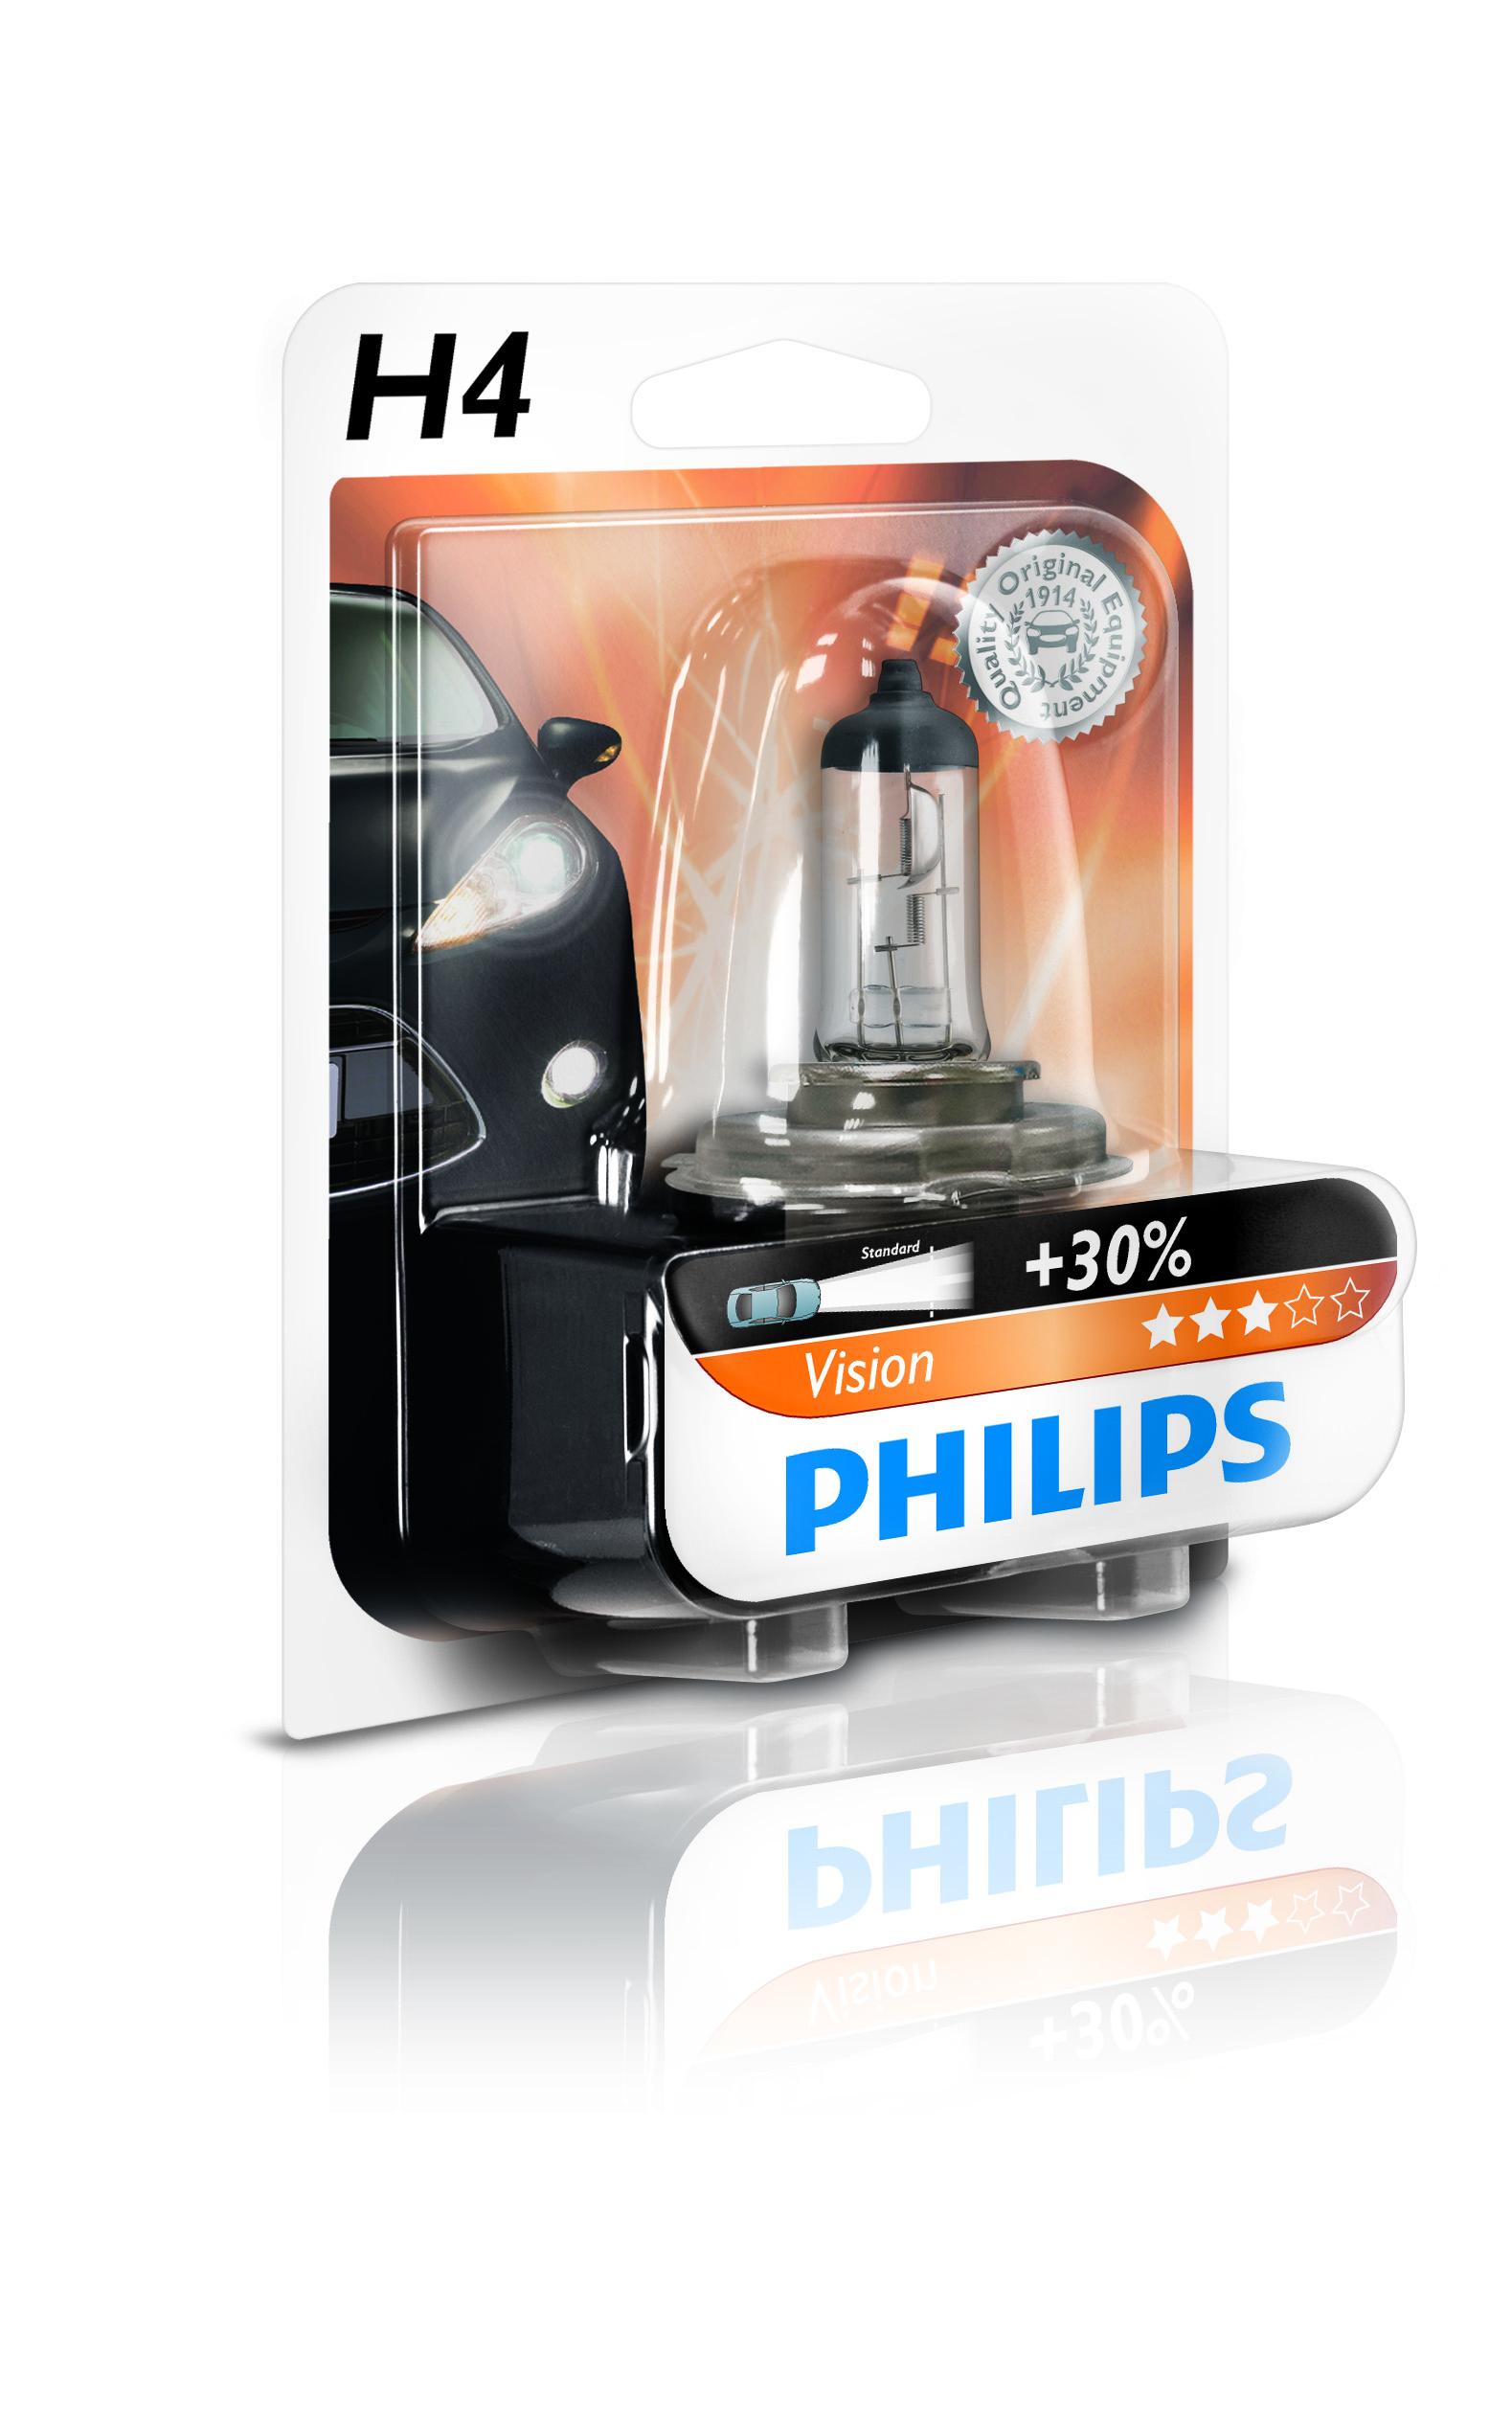 philips h4 vision 12v 60 55w 30 blister nr. Black Bedroom Furniture Sets. Home Design Ideas